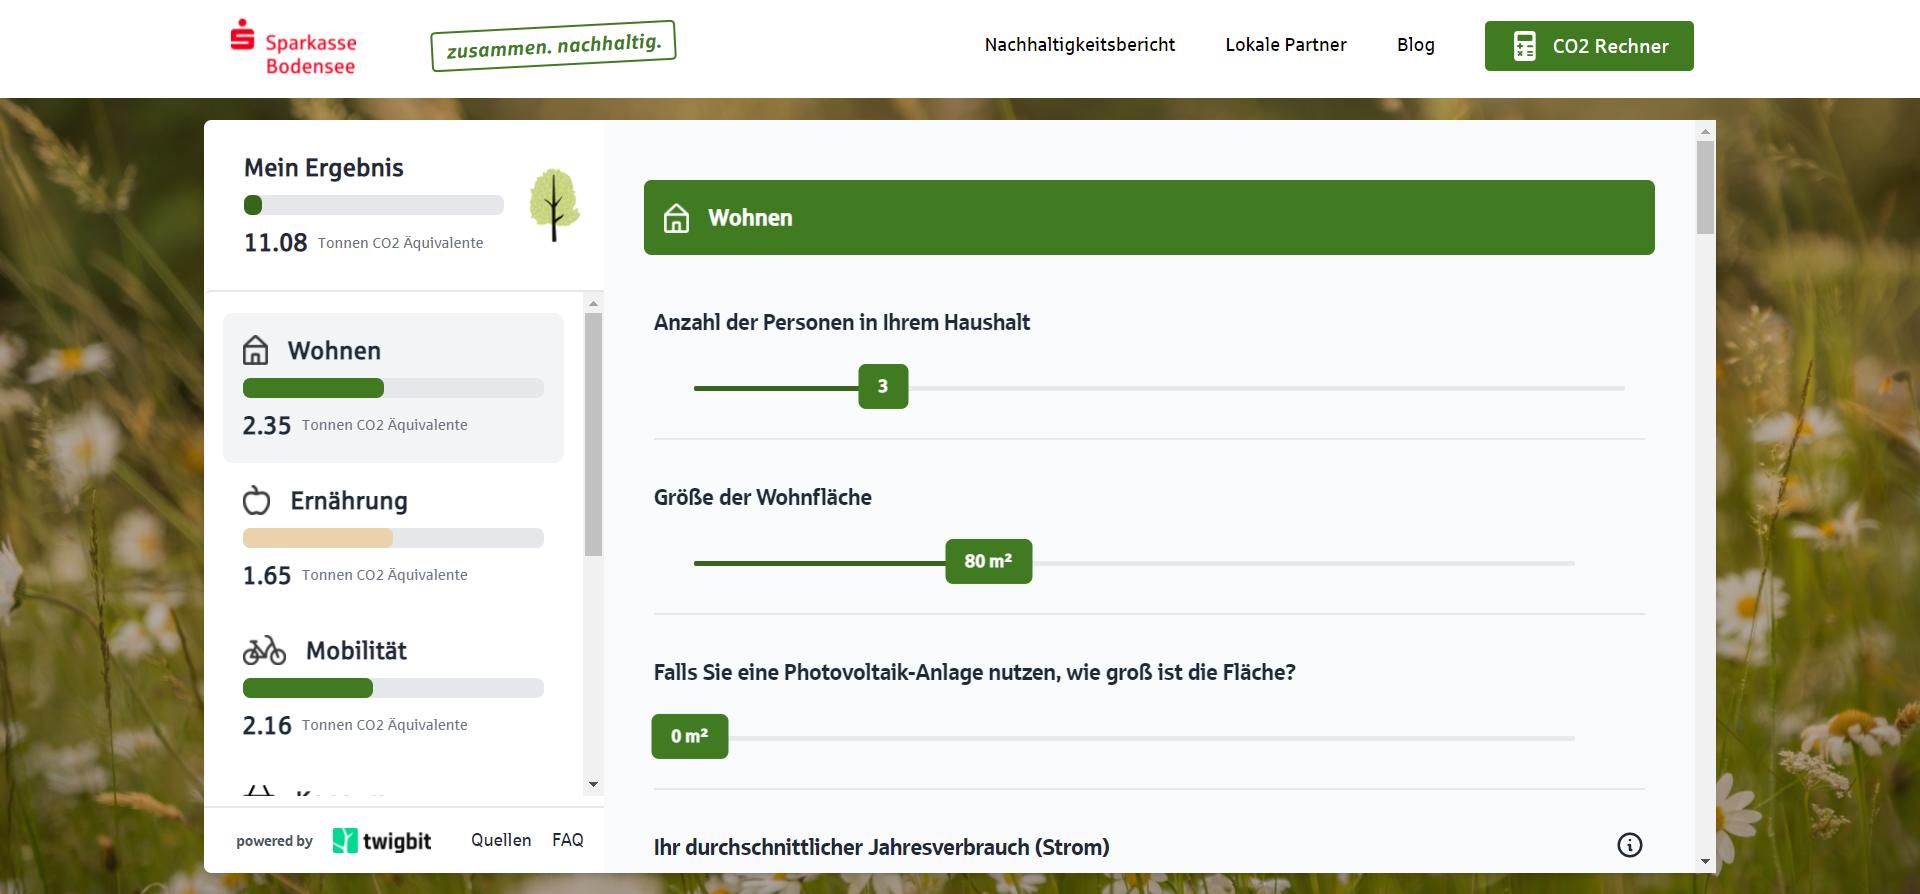 Sparkasse Bodensee CO2 Rechner finale Version